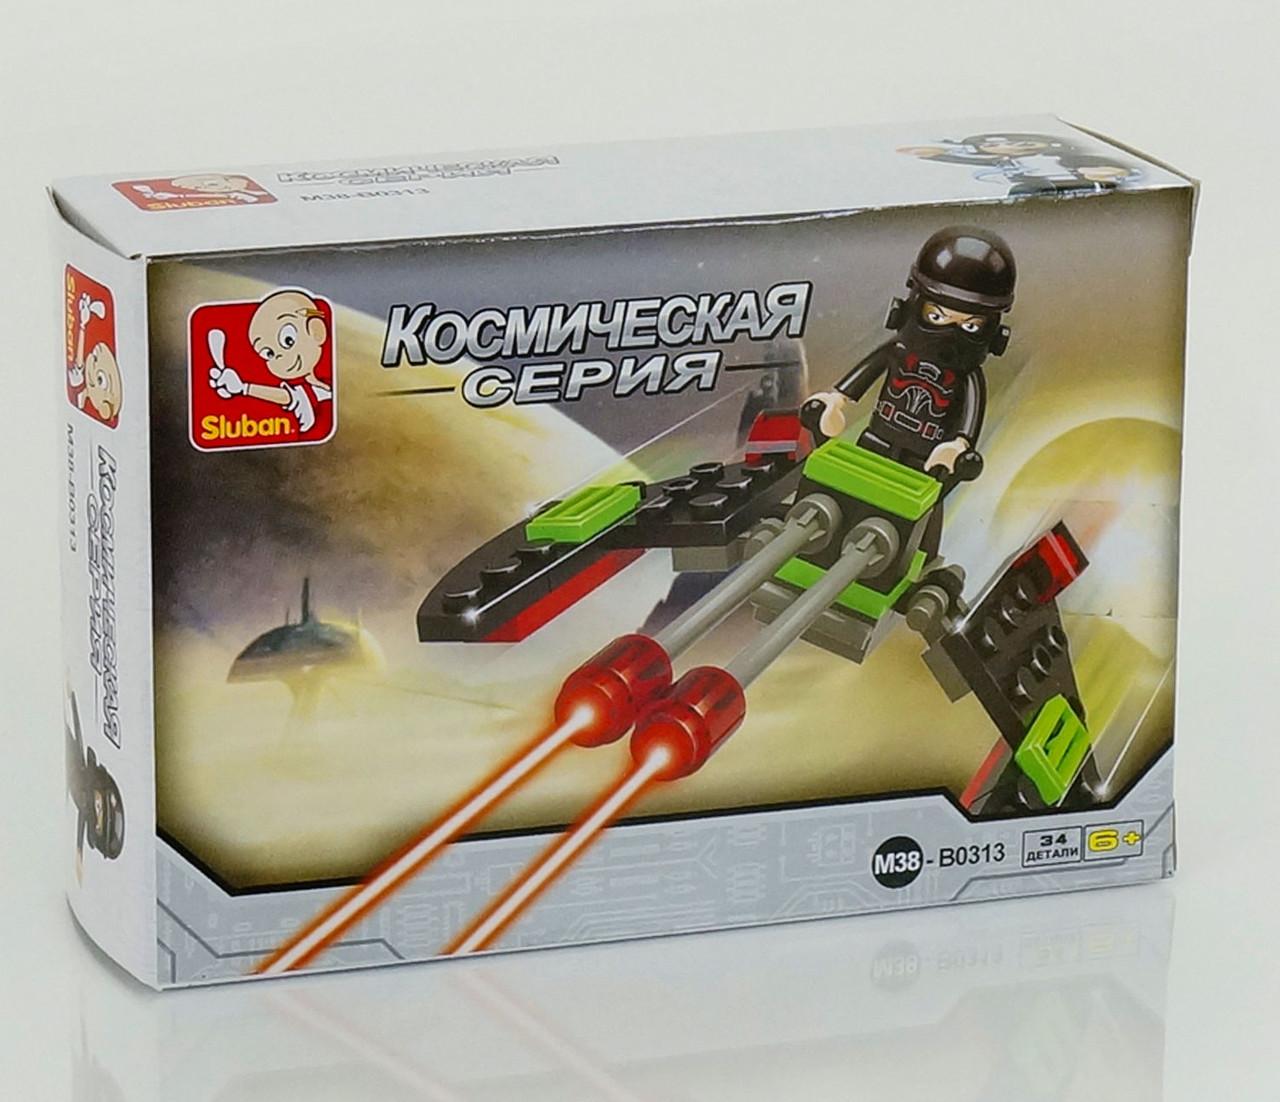 Конструктор для детей космическая ракета